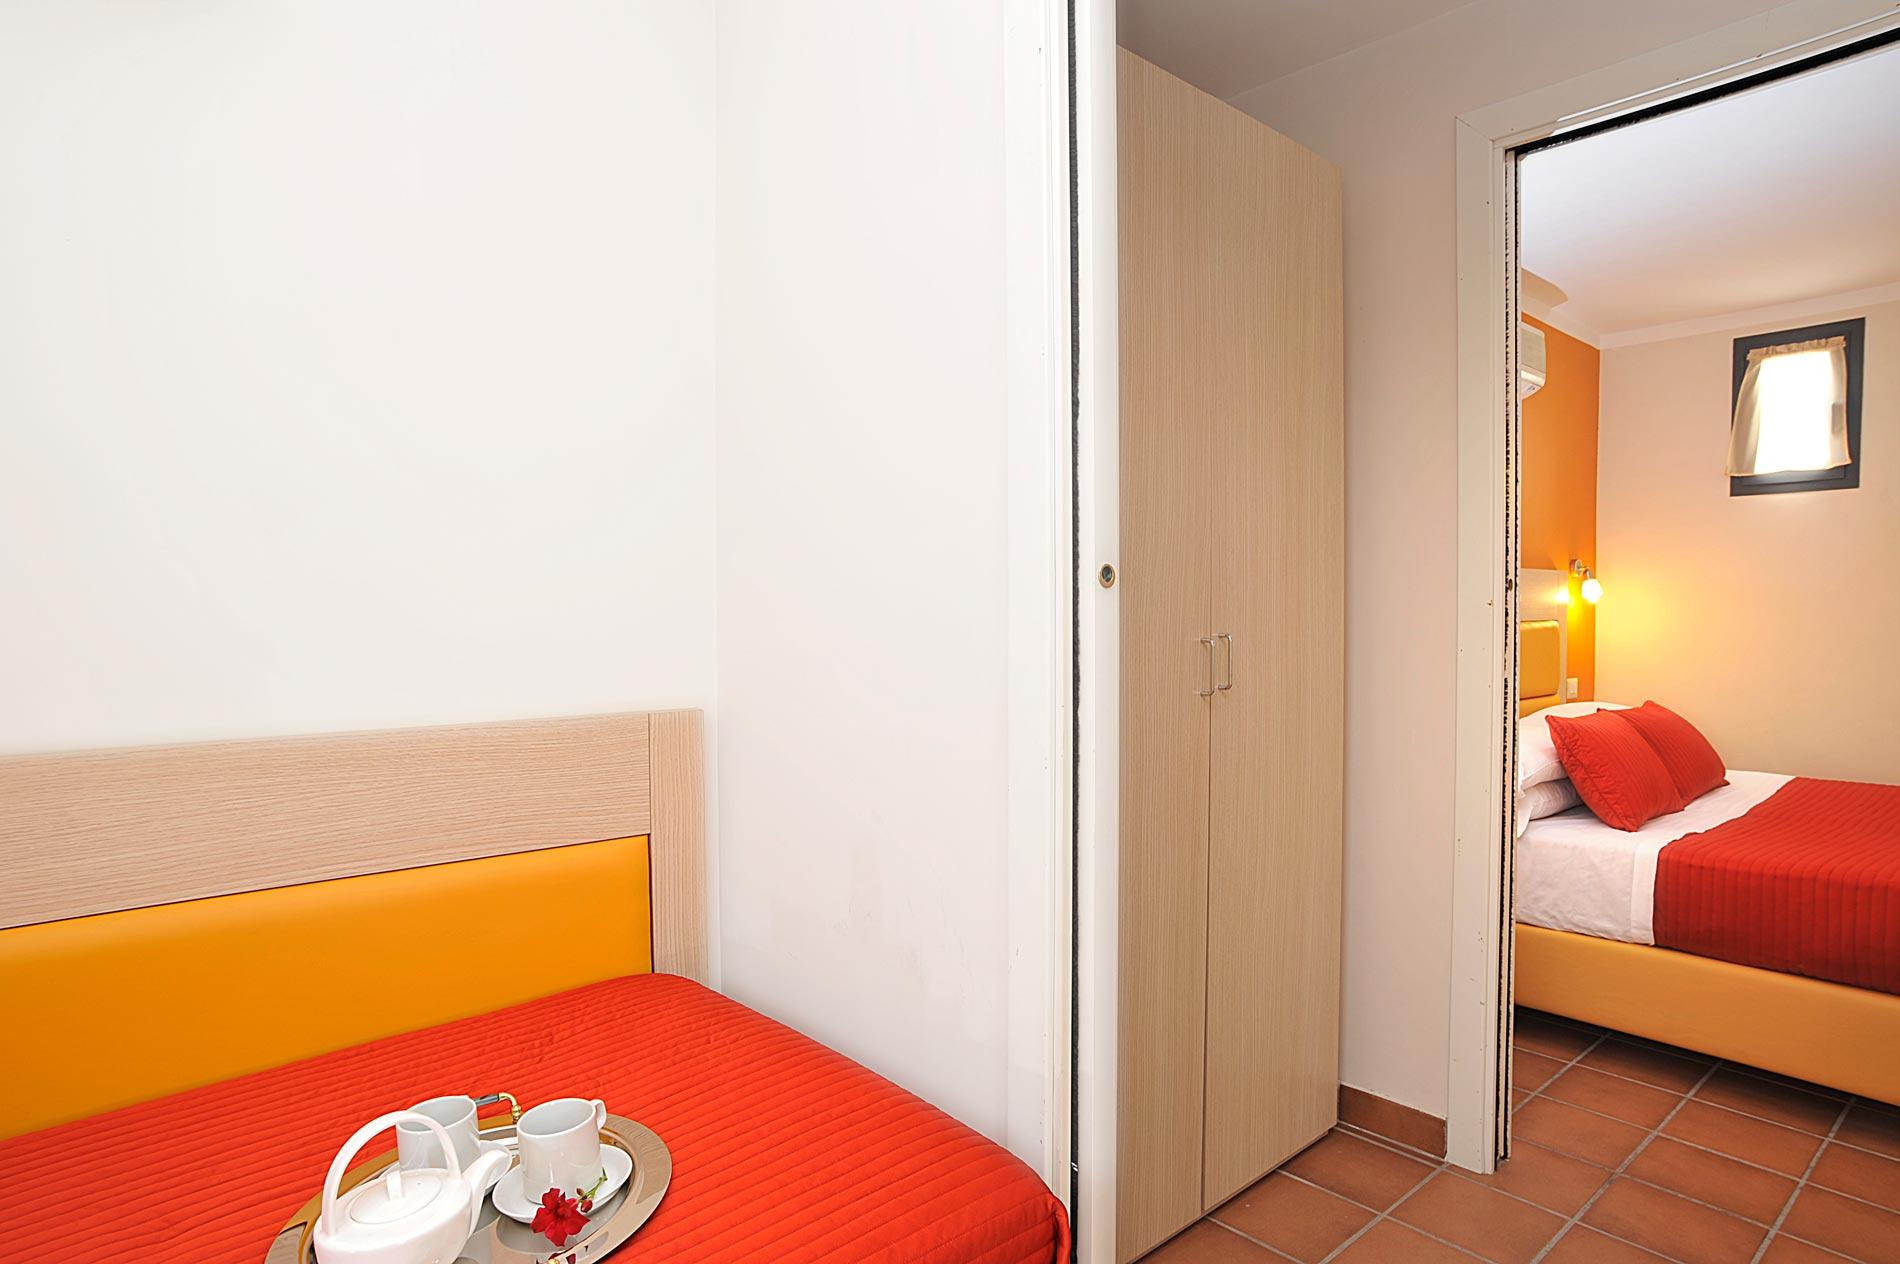 chambre quadruple h´tel rome chambre quadruple rome chambre